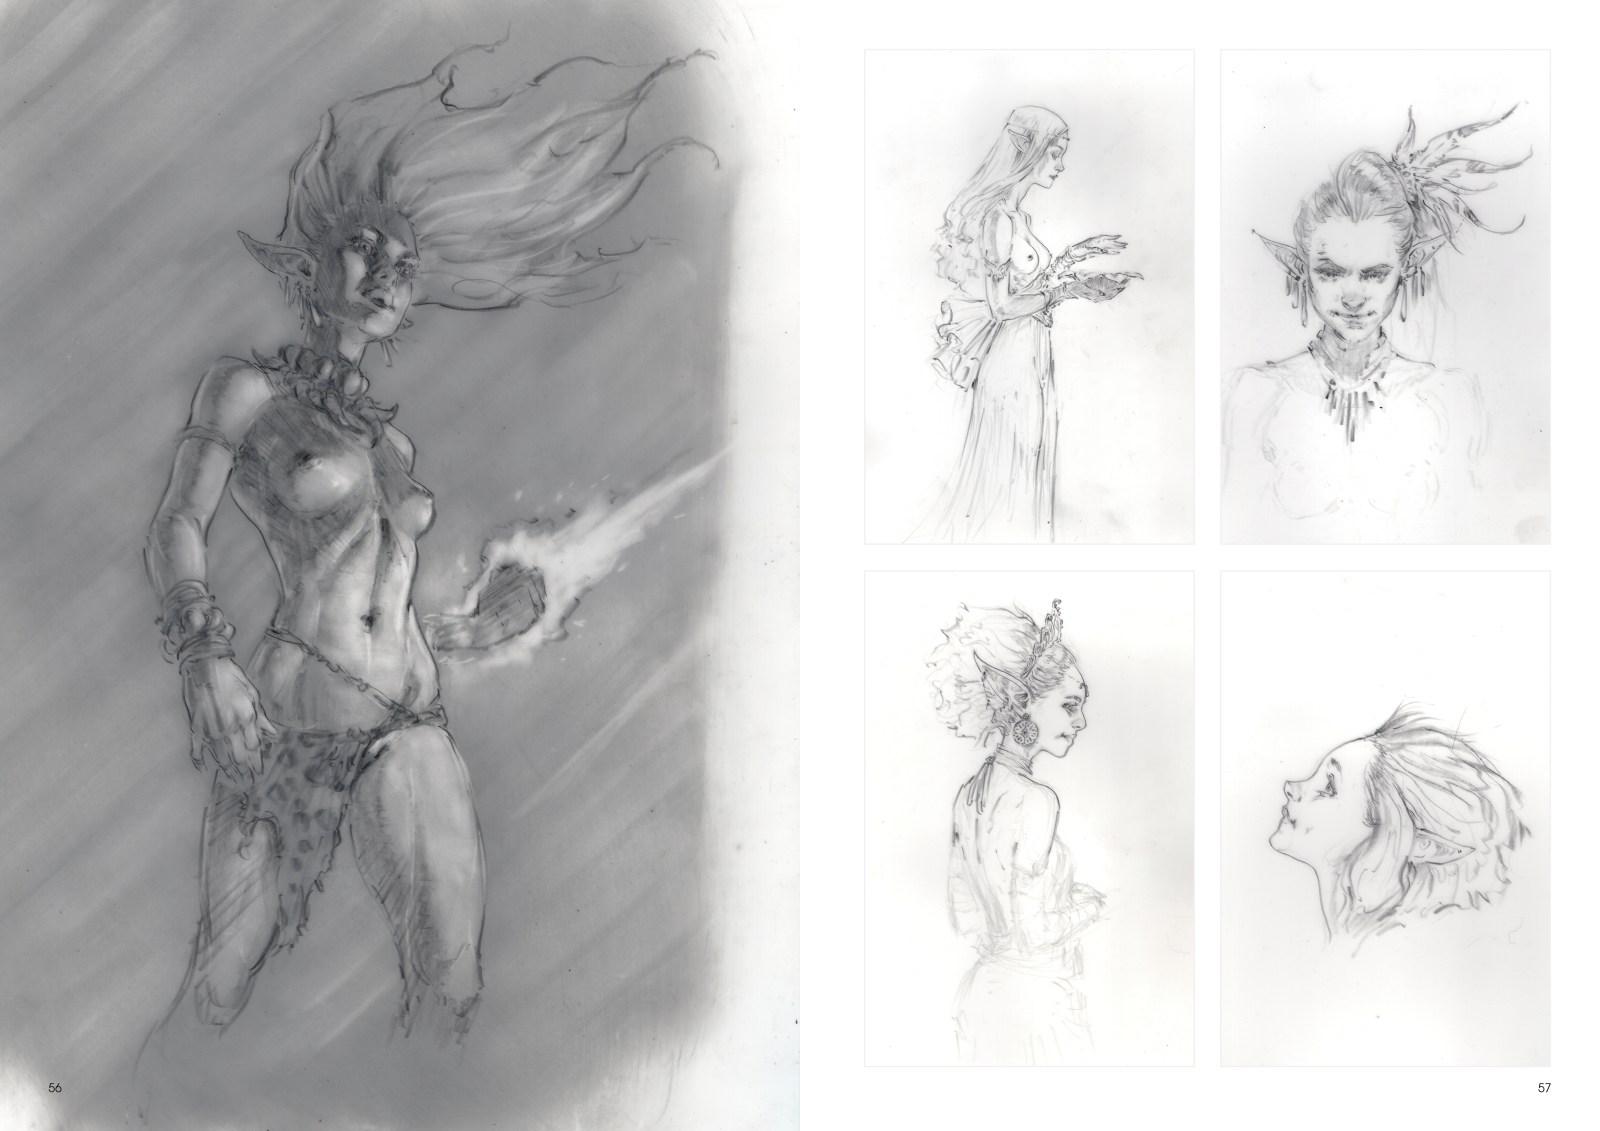 Image de l'artbook Daya de Daniel Landerman. Femmes mystqiues : du pouvoir et des sorts.